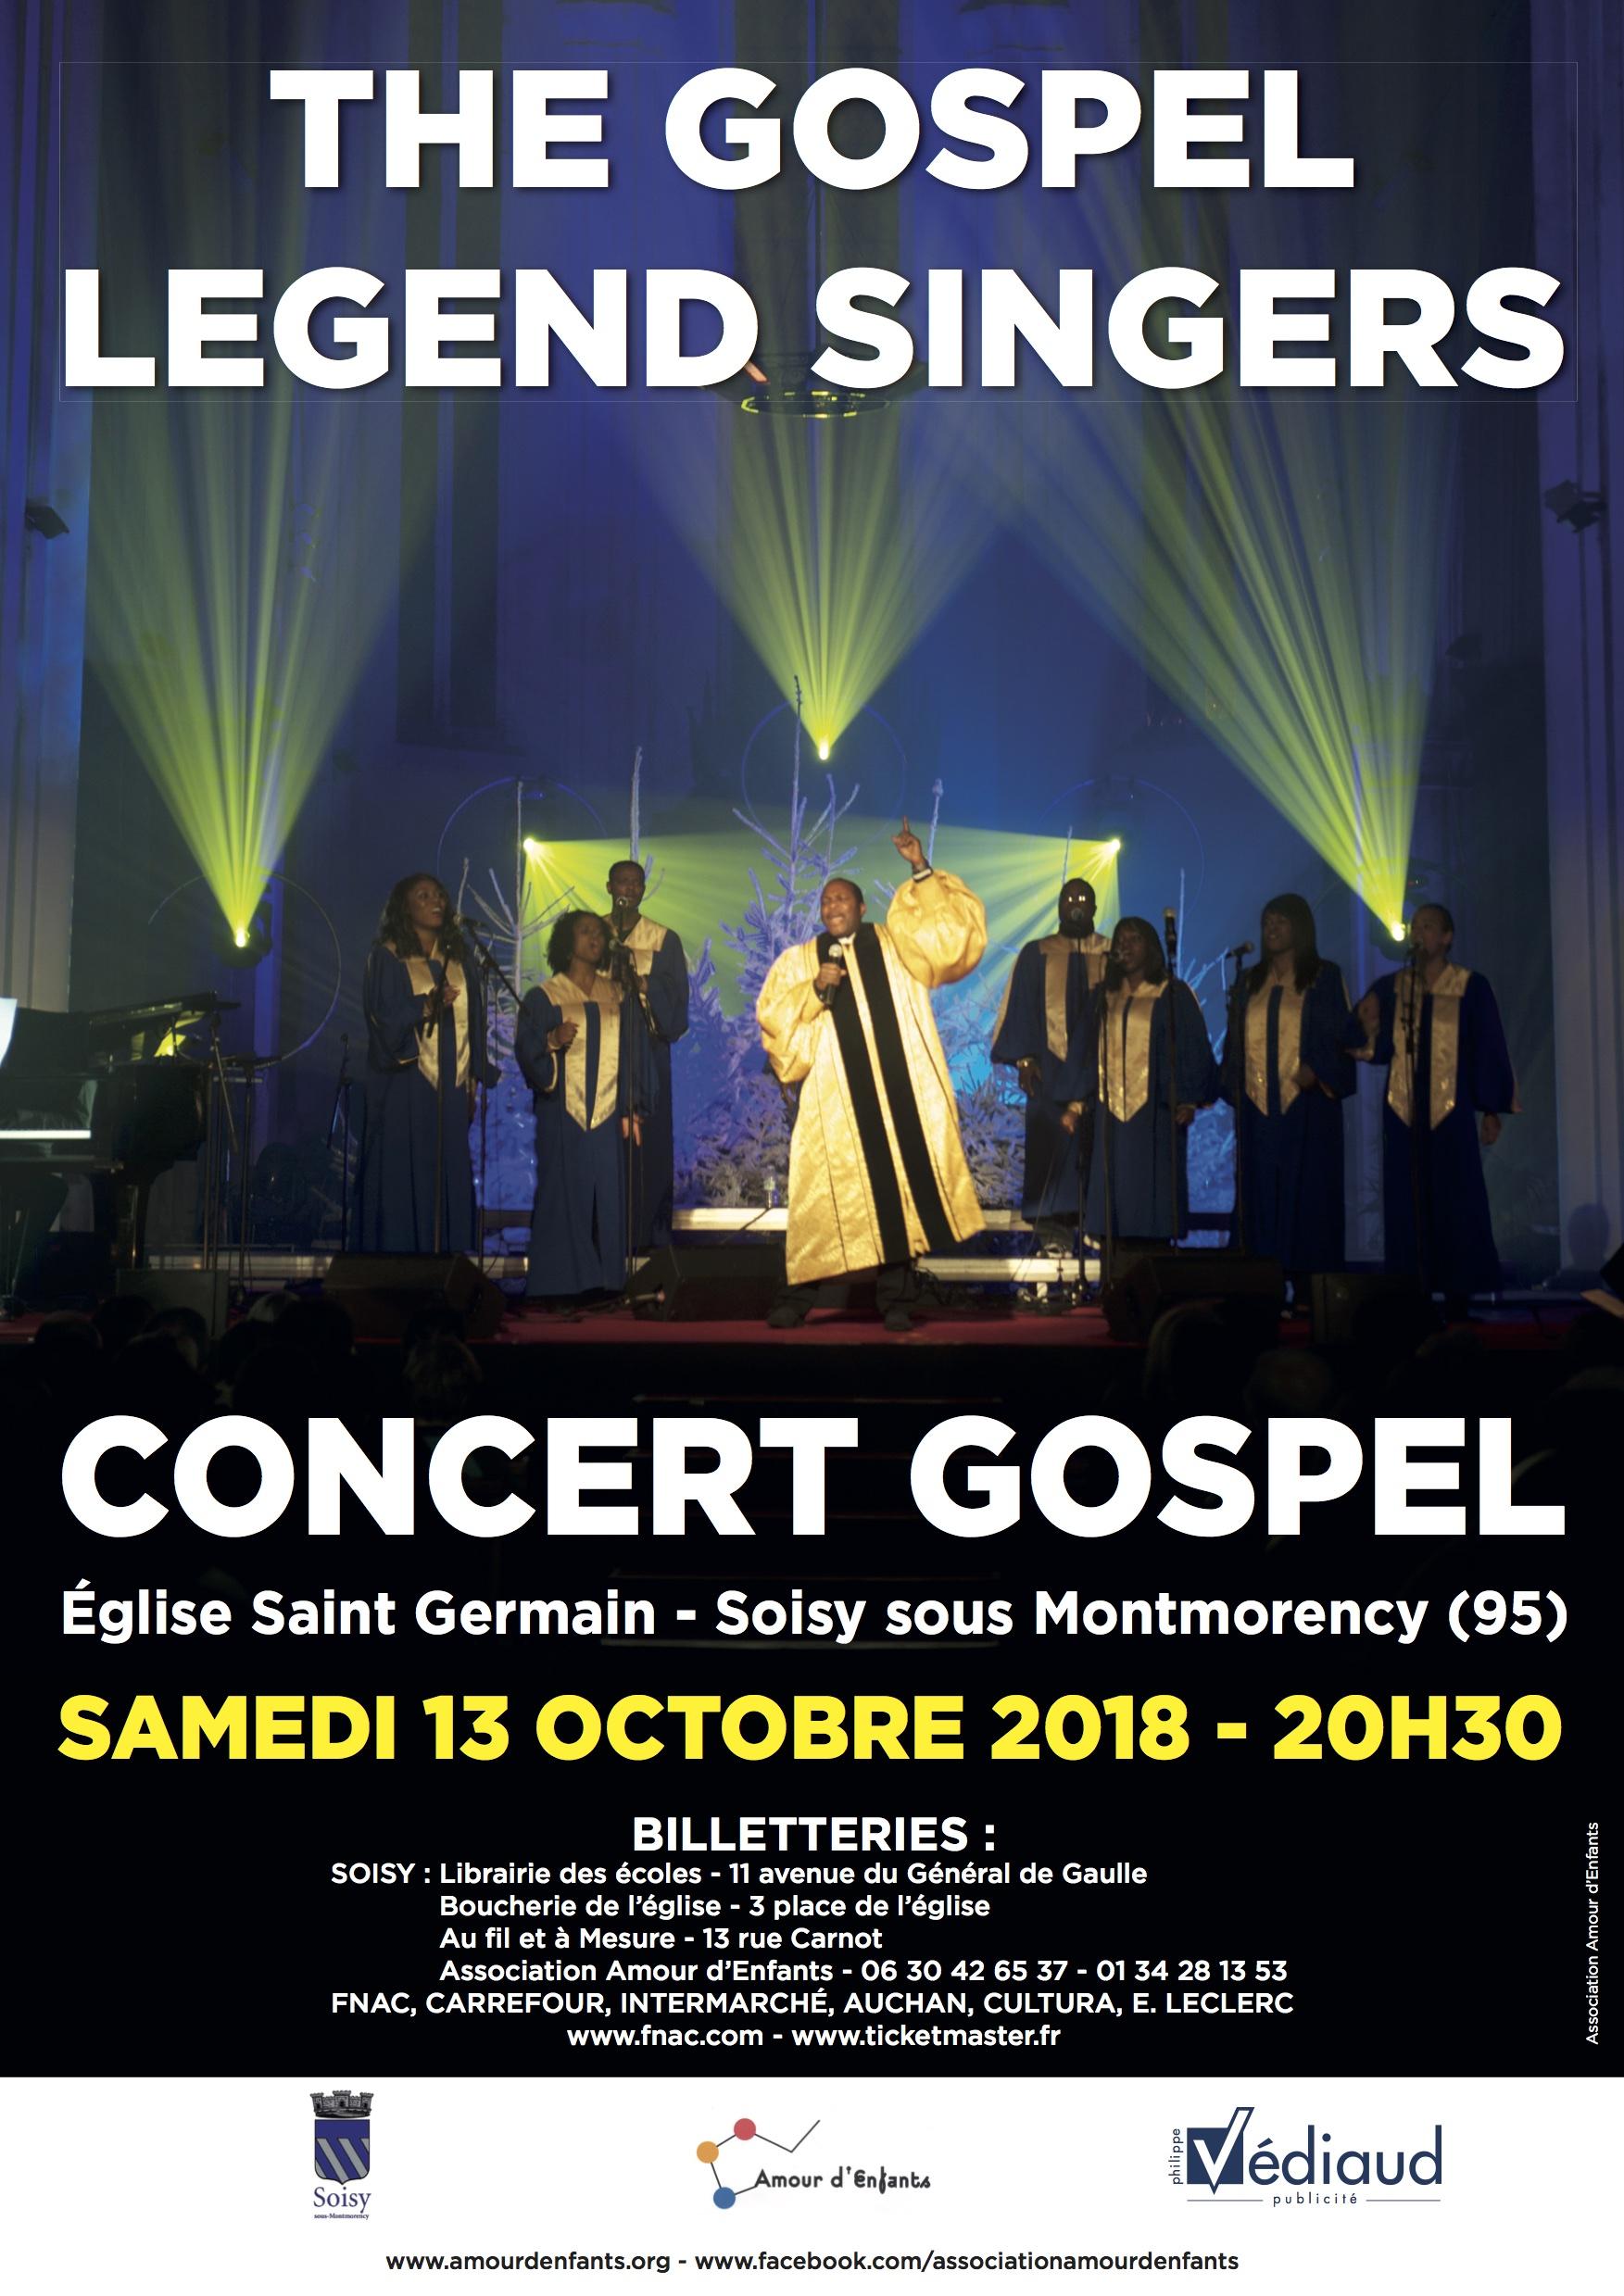 Concert de THE GOSPEL LEGEND SINGERS